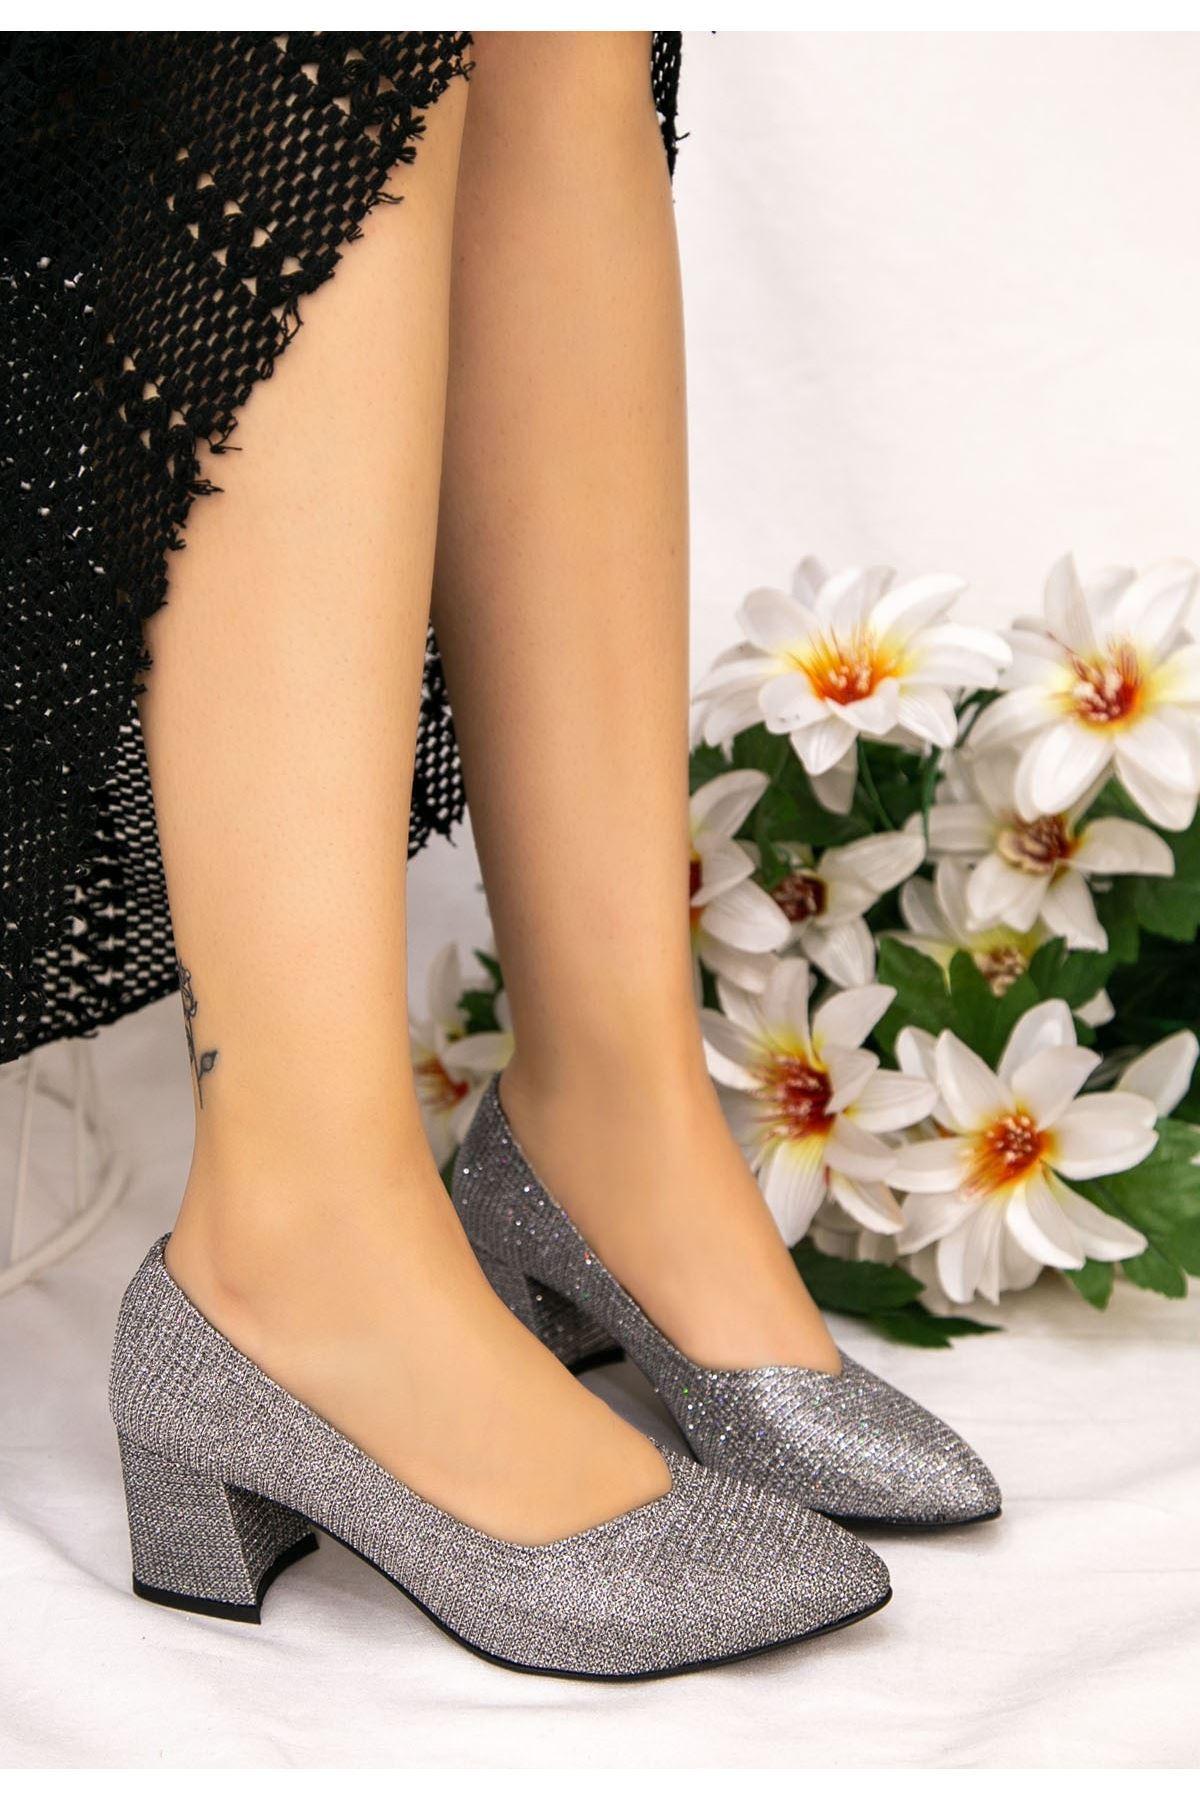 Tammy Platin Simli Topuklu Ayakkabı